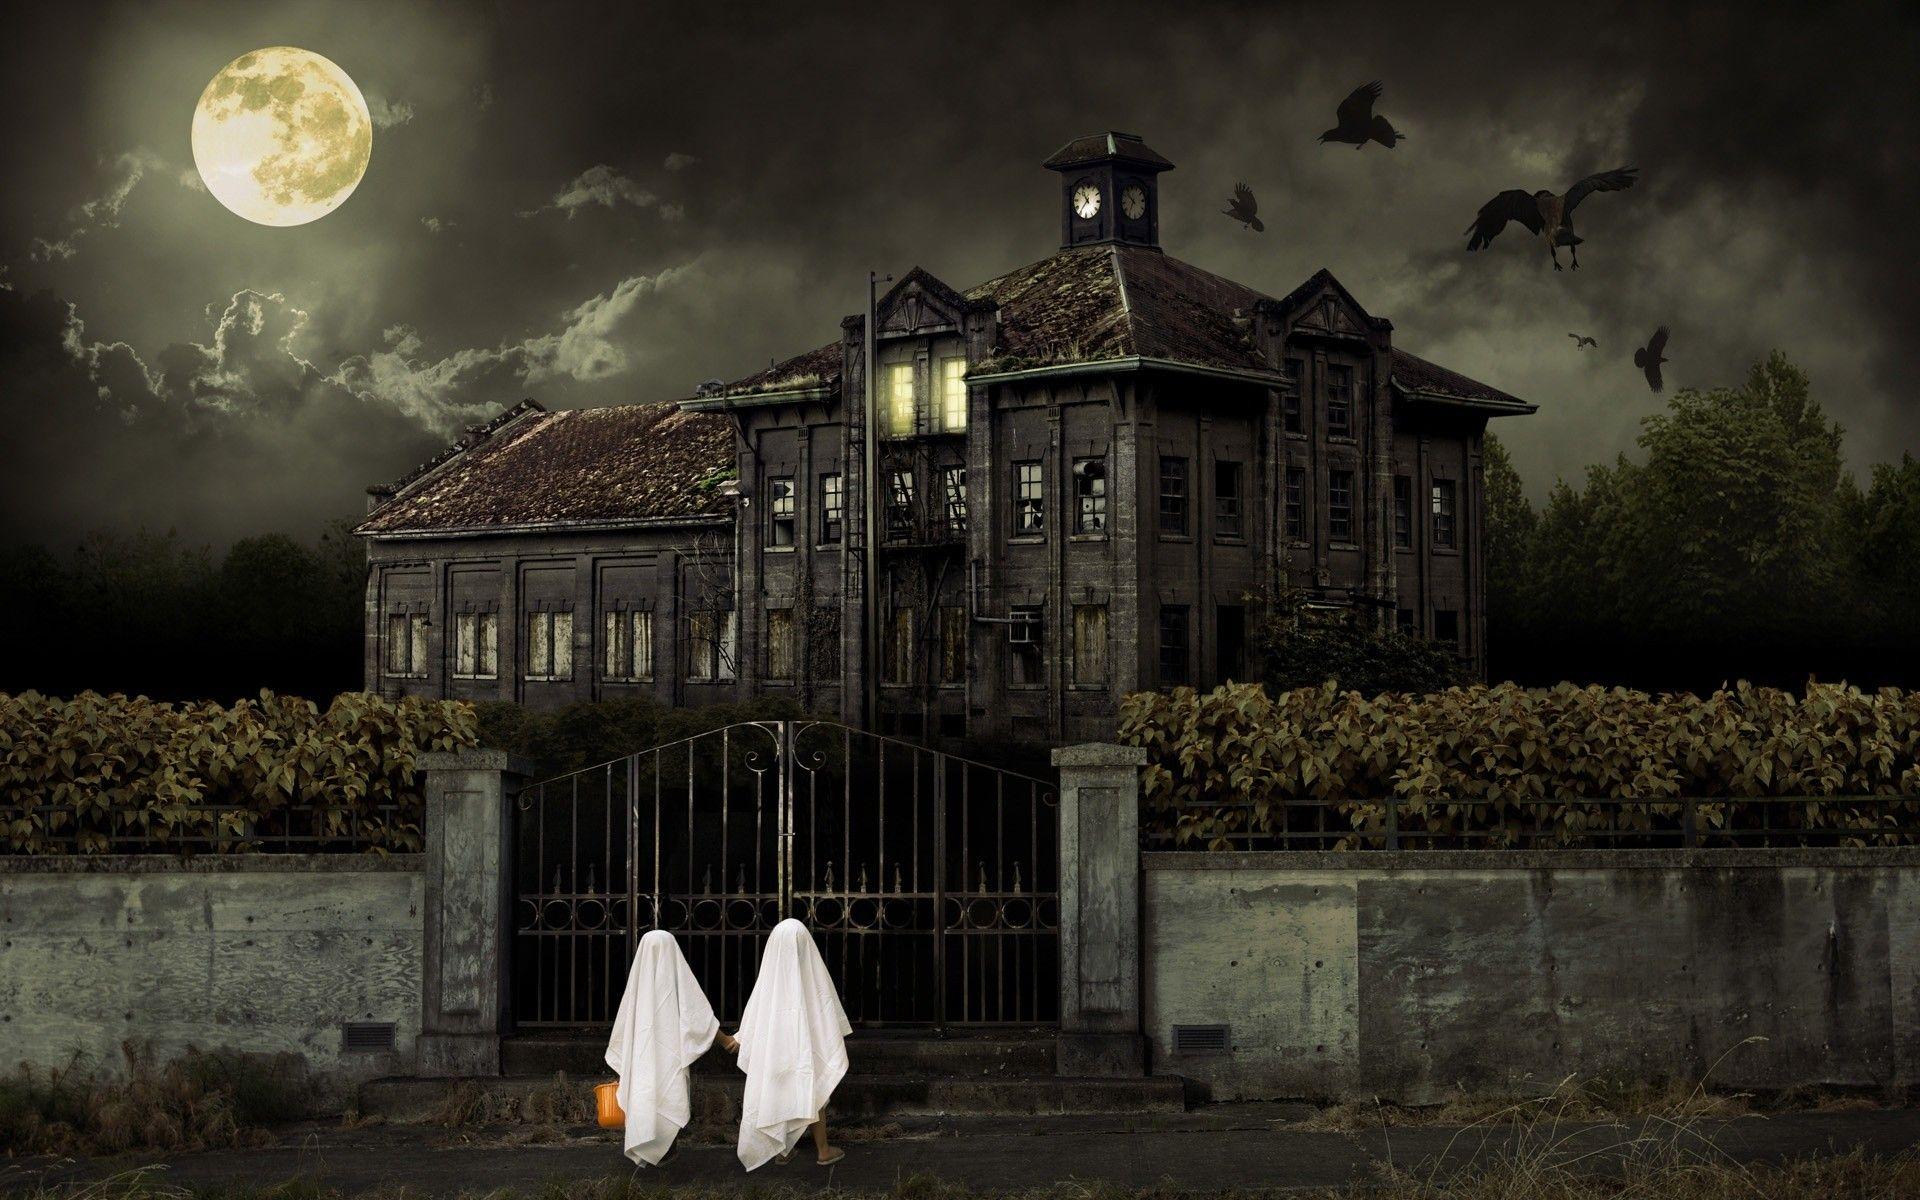 Fantastic Wallpaper Halloween Home Screen - a91a7eaa3bc5732eaf8ea68528eeb23d  2018_933017.jpg